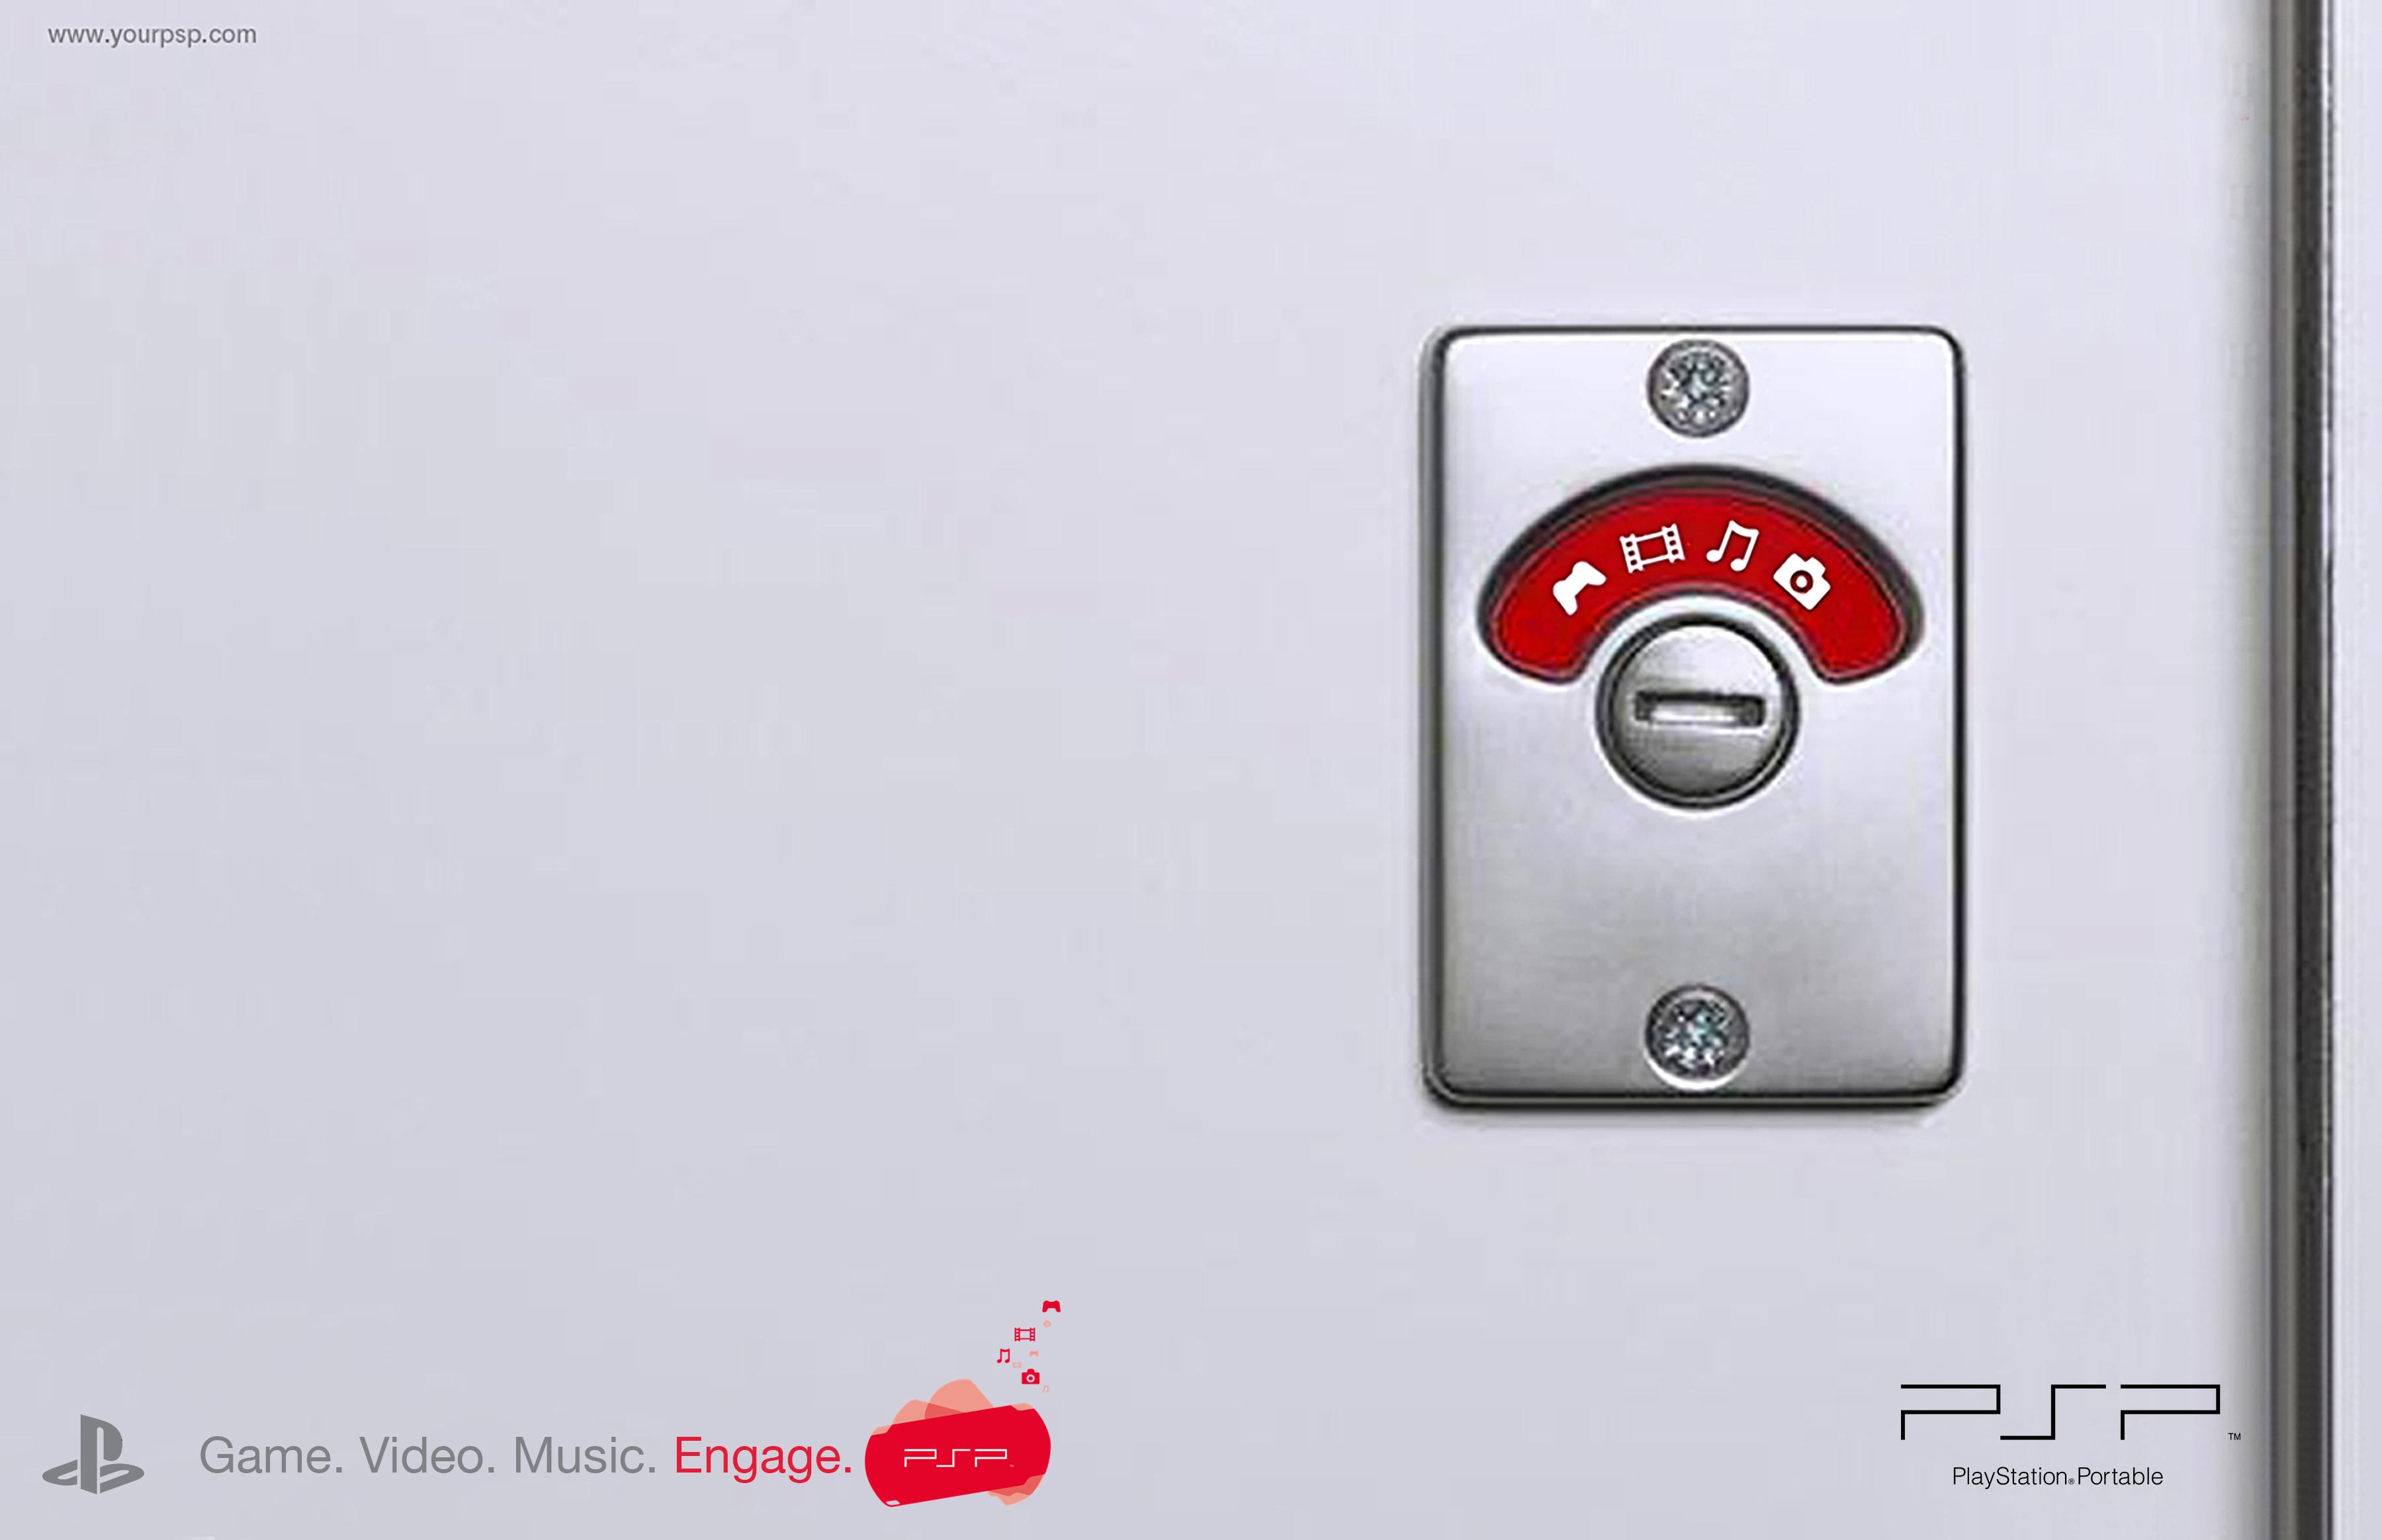 SONY PSP engaged